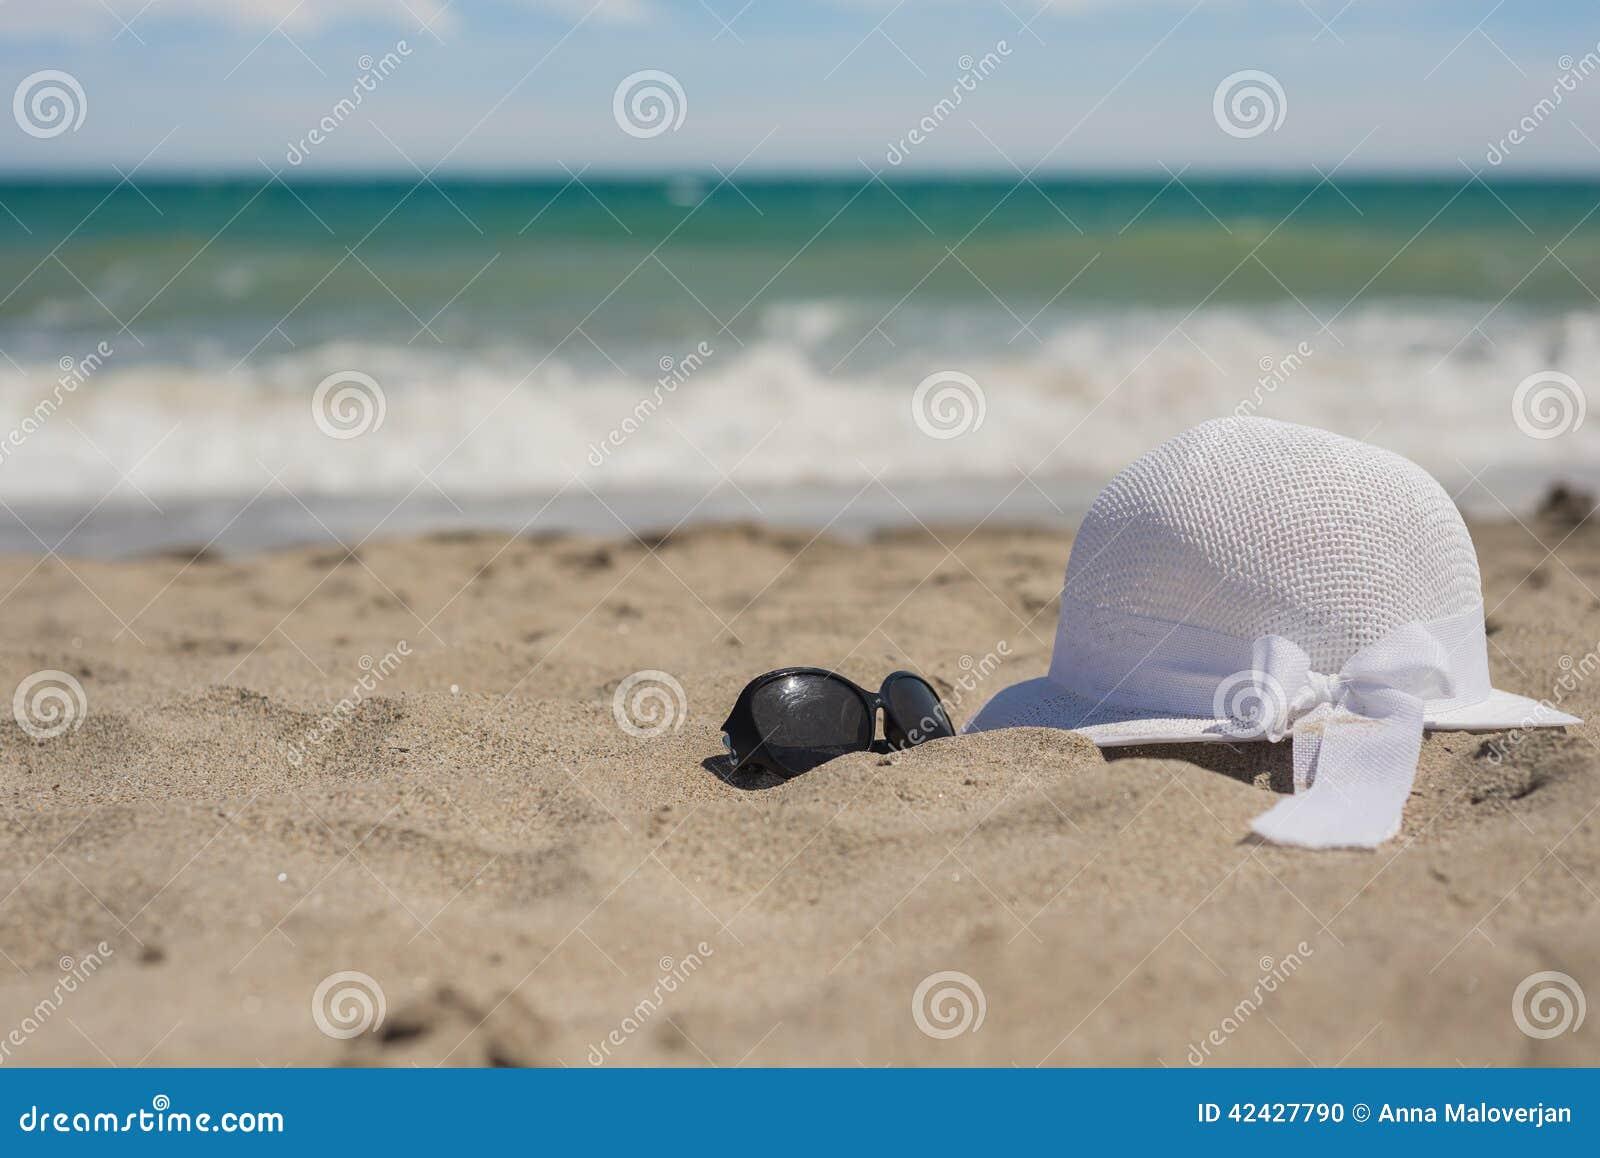 Sombrero y gafas de sol de mimbre en la playa